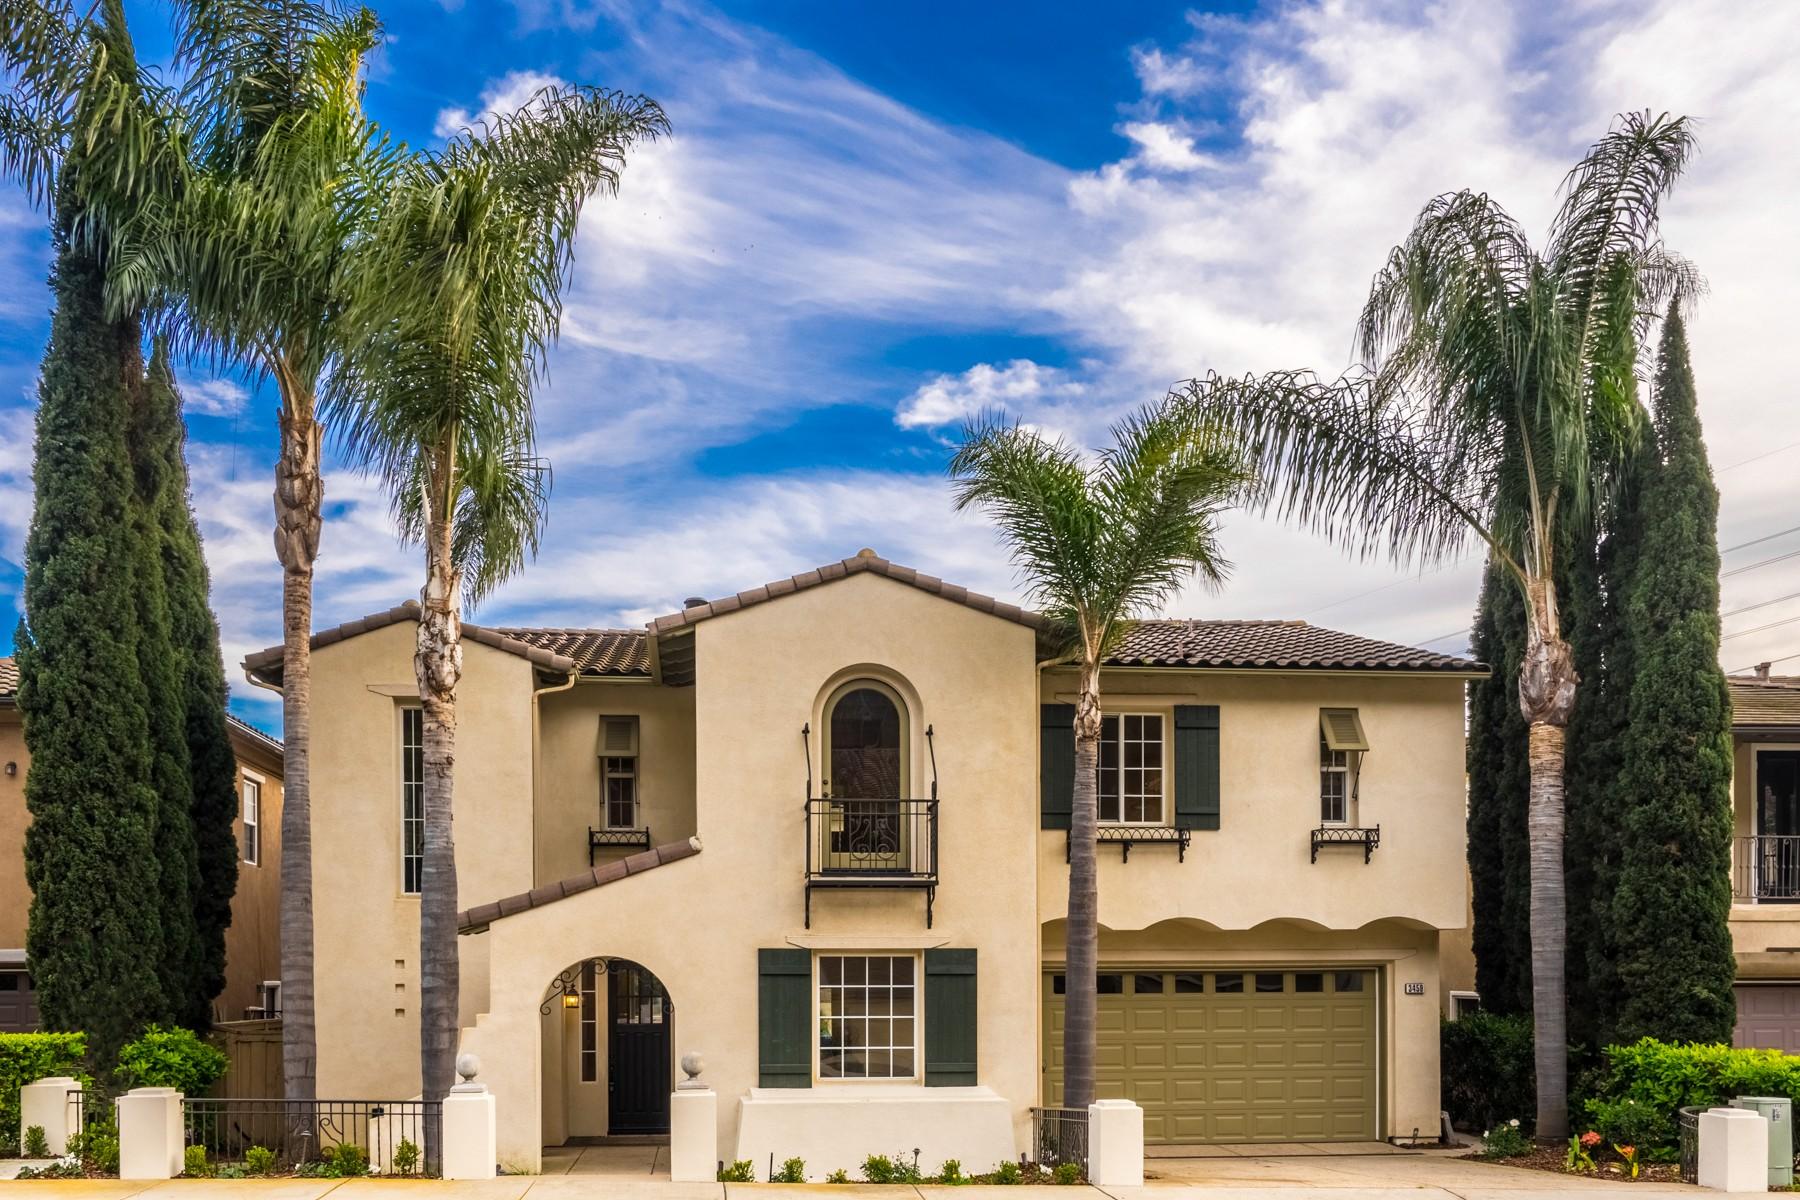 Maison unifamiliale pour l Vente à Santa Fe Downs 3459 Caminito Santa Fe Downs Del Mar, Californie, 92014 États-Unis